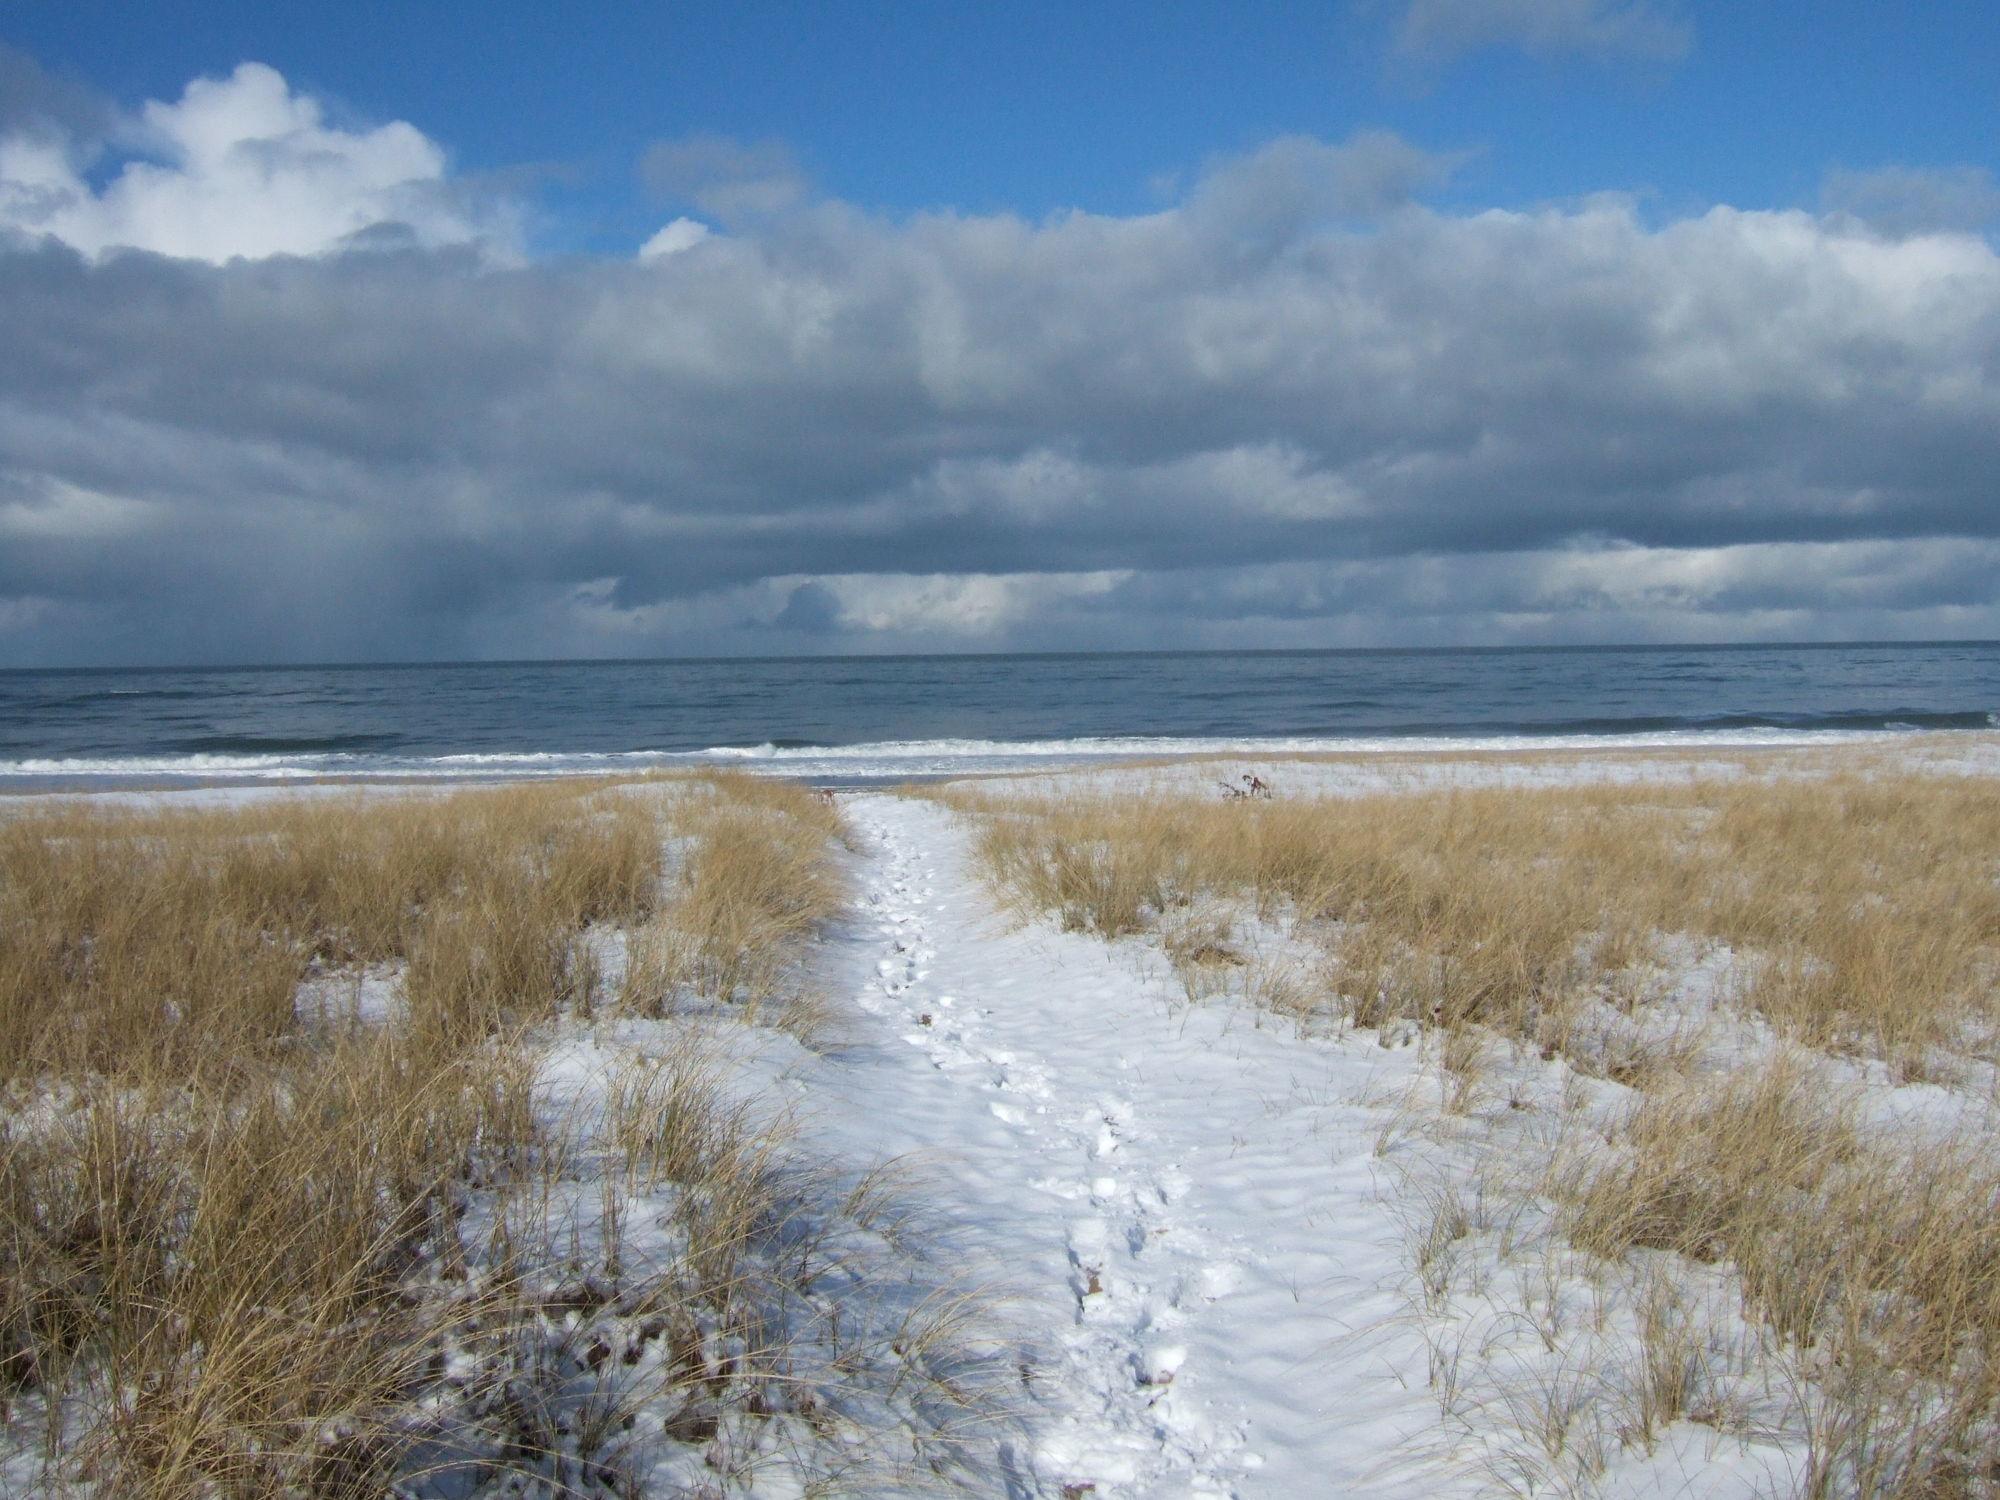 Bild mit Landschaften, Schnee, Sand, Strand, Sandstrand, Landschaft, Düne, Dünen, Dünengras